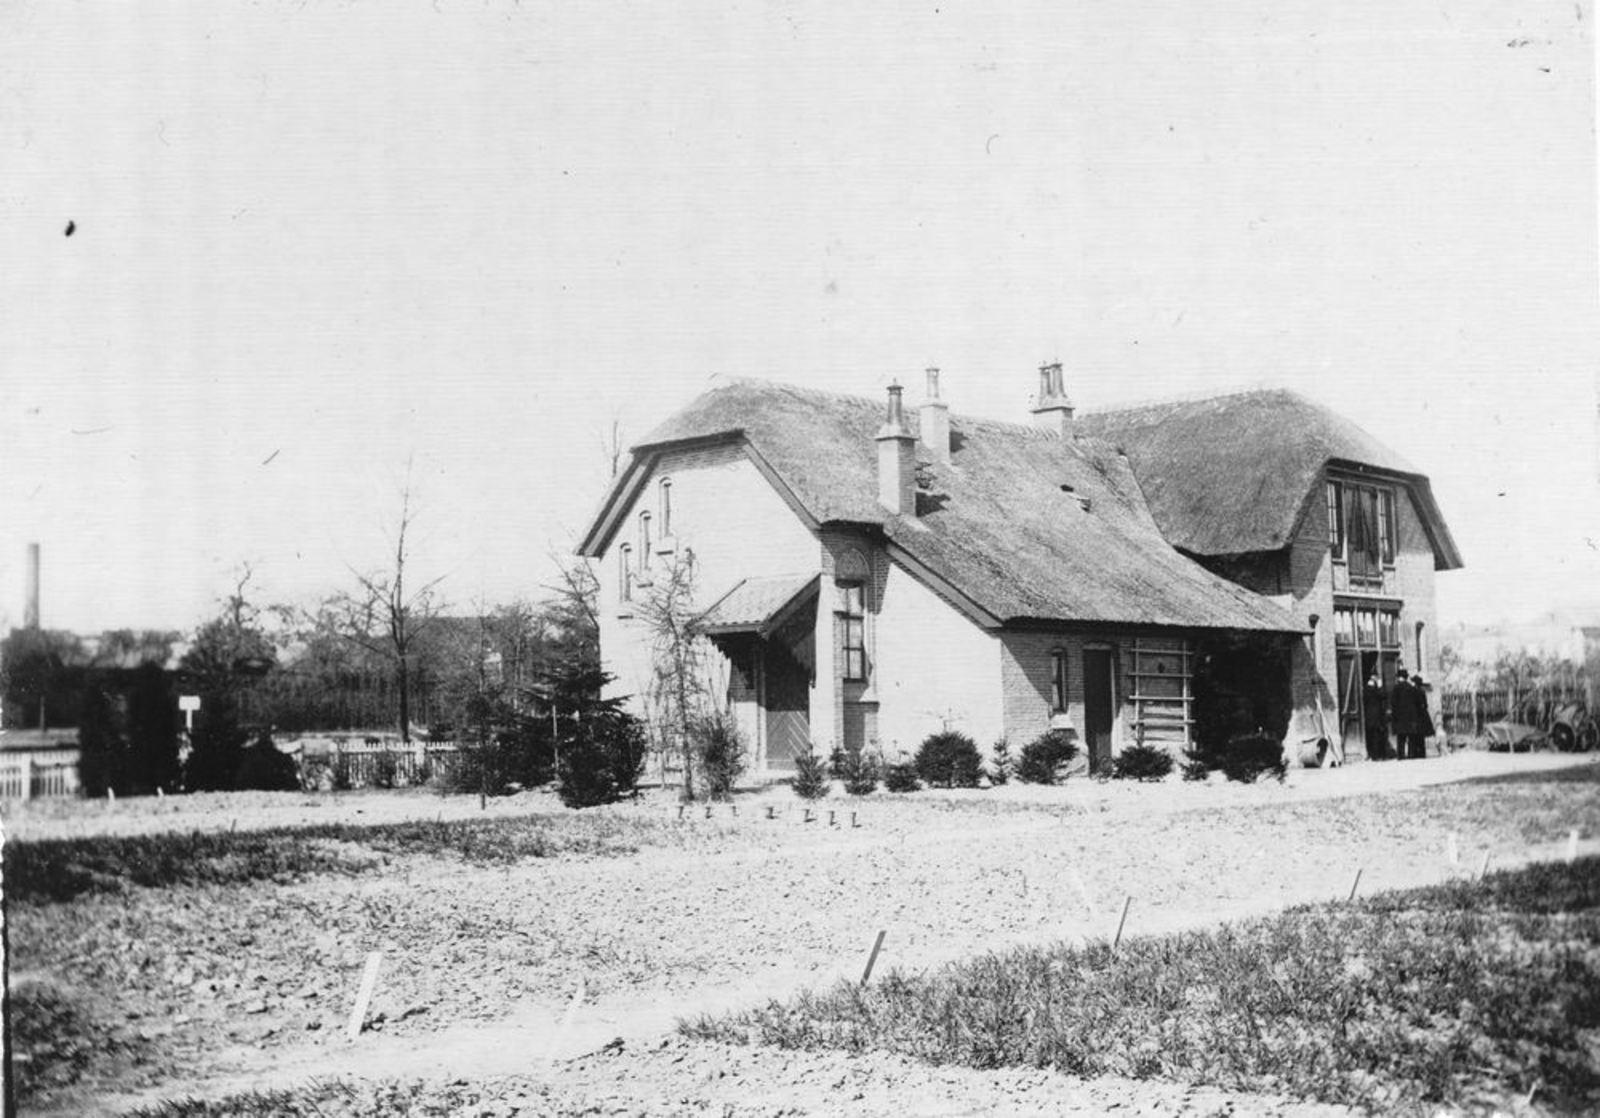 <b>ZOEKPLAATJE:</b>&nbsp;Hmeer Onbekend 1895 Schepen Ringvaart en Huis 01